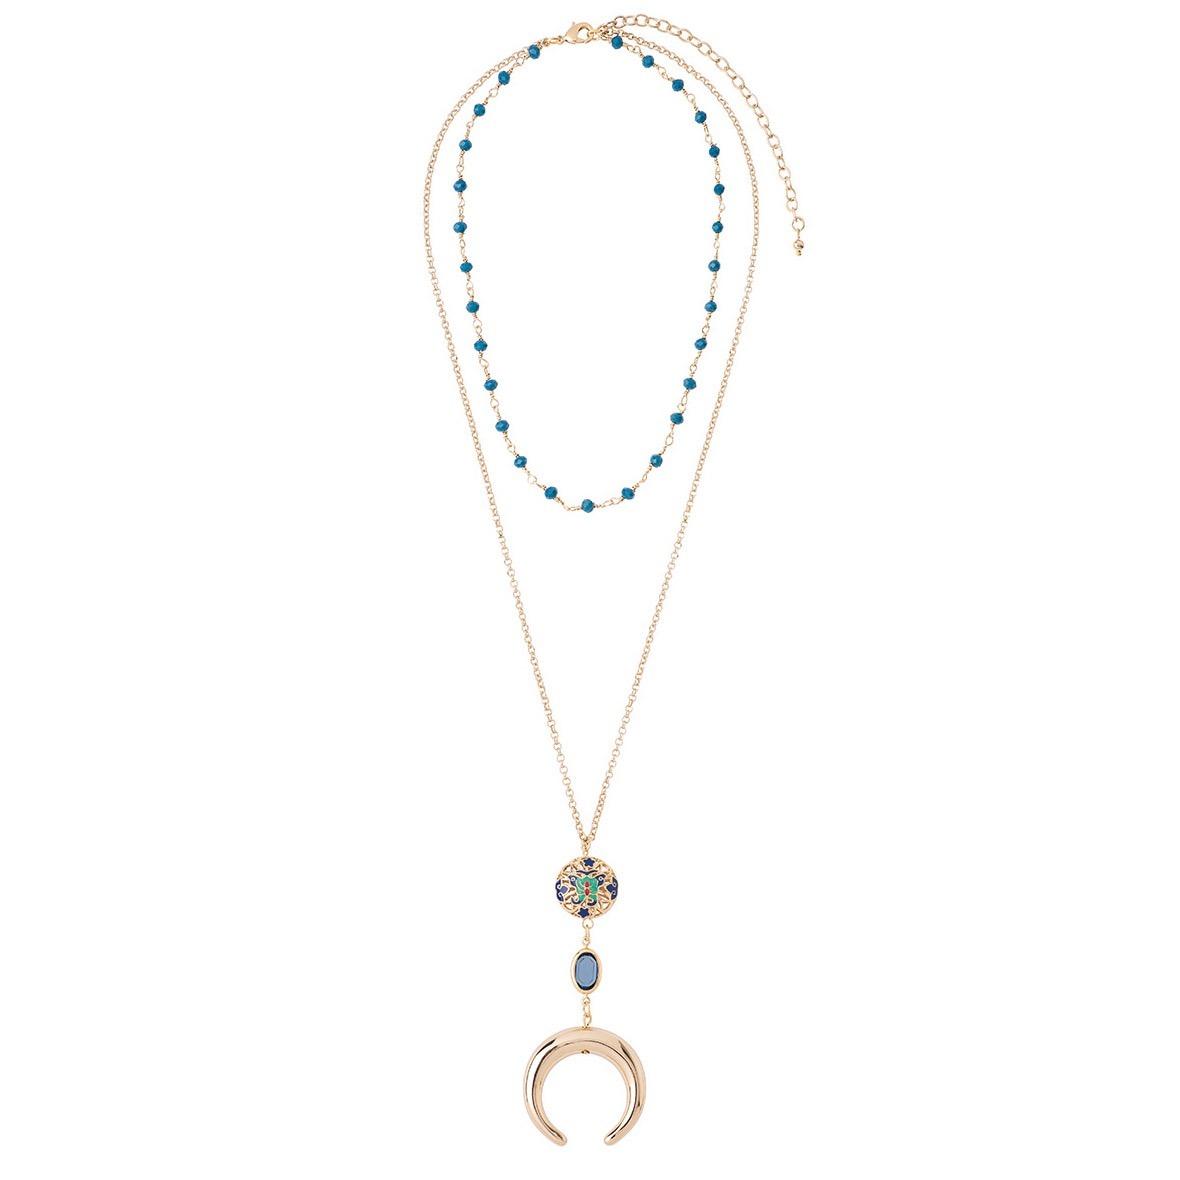 c55ca9caebd4 collar de dama baño de oro 18k y cristal azul nice 218546. Cargando zoom.